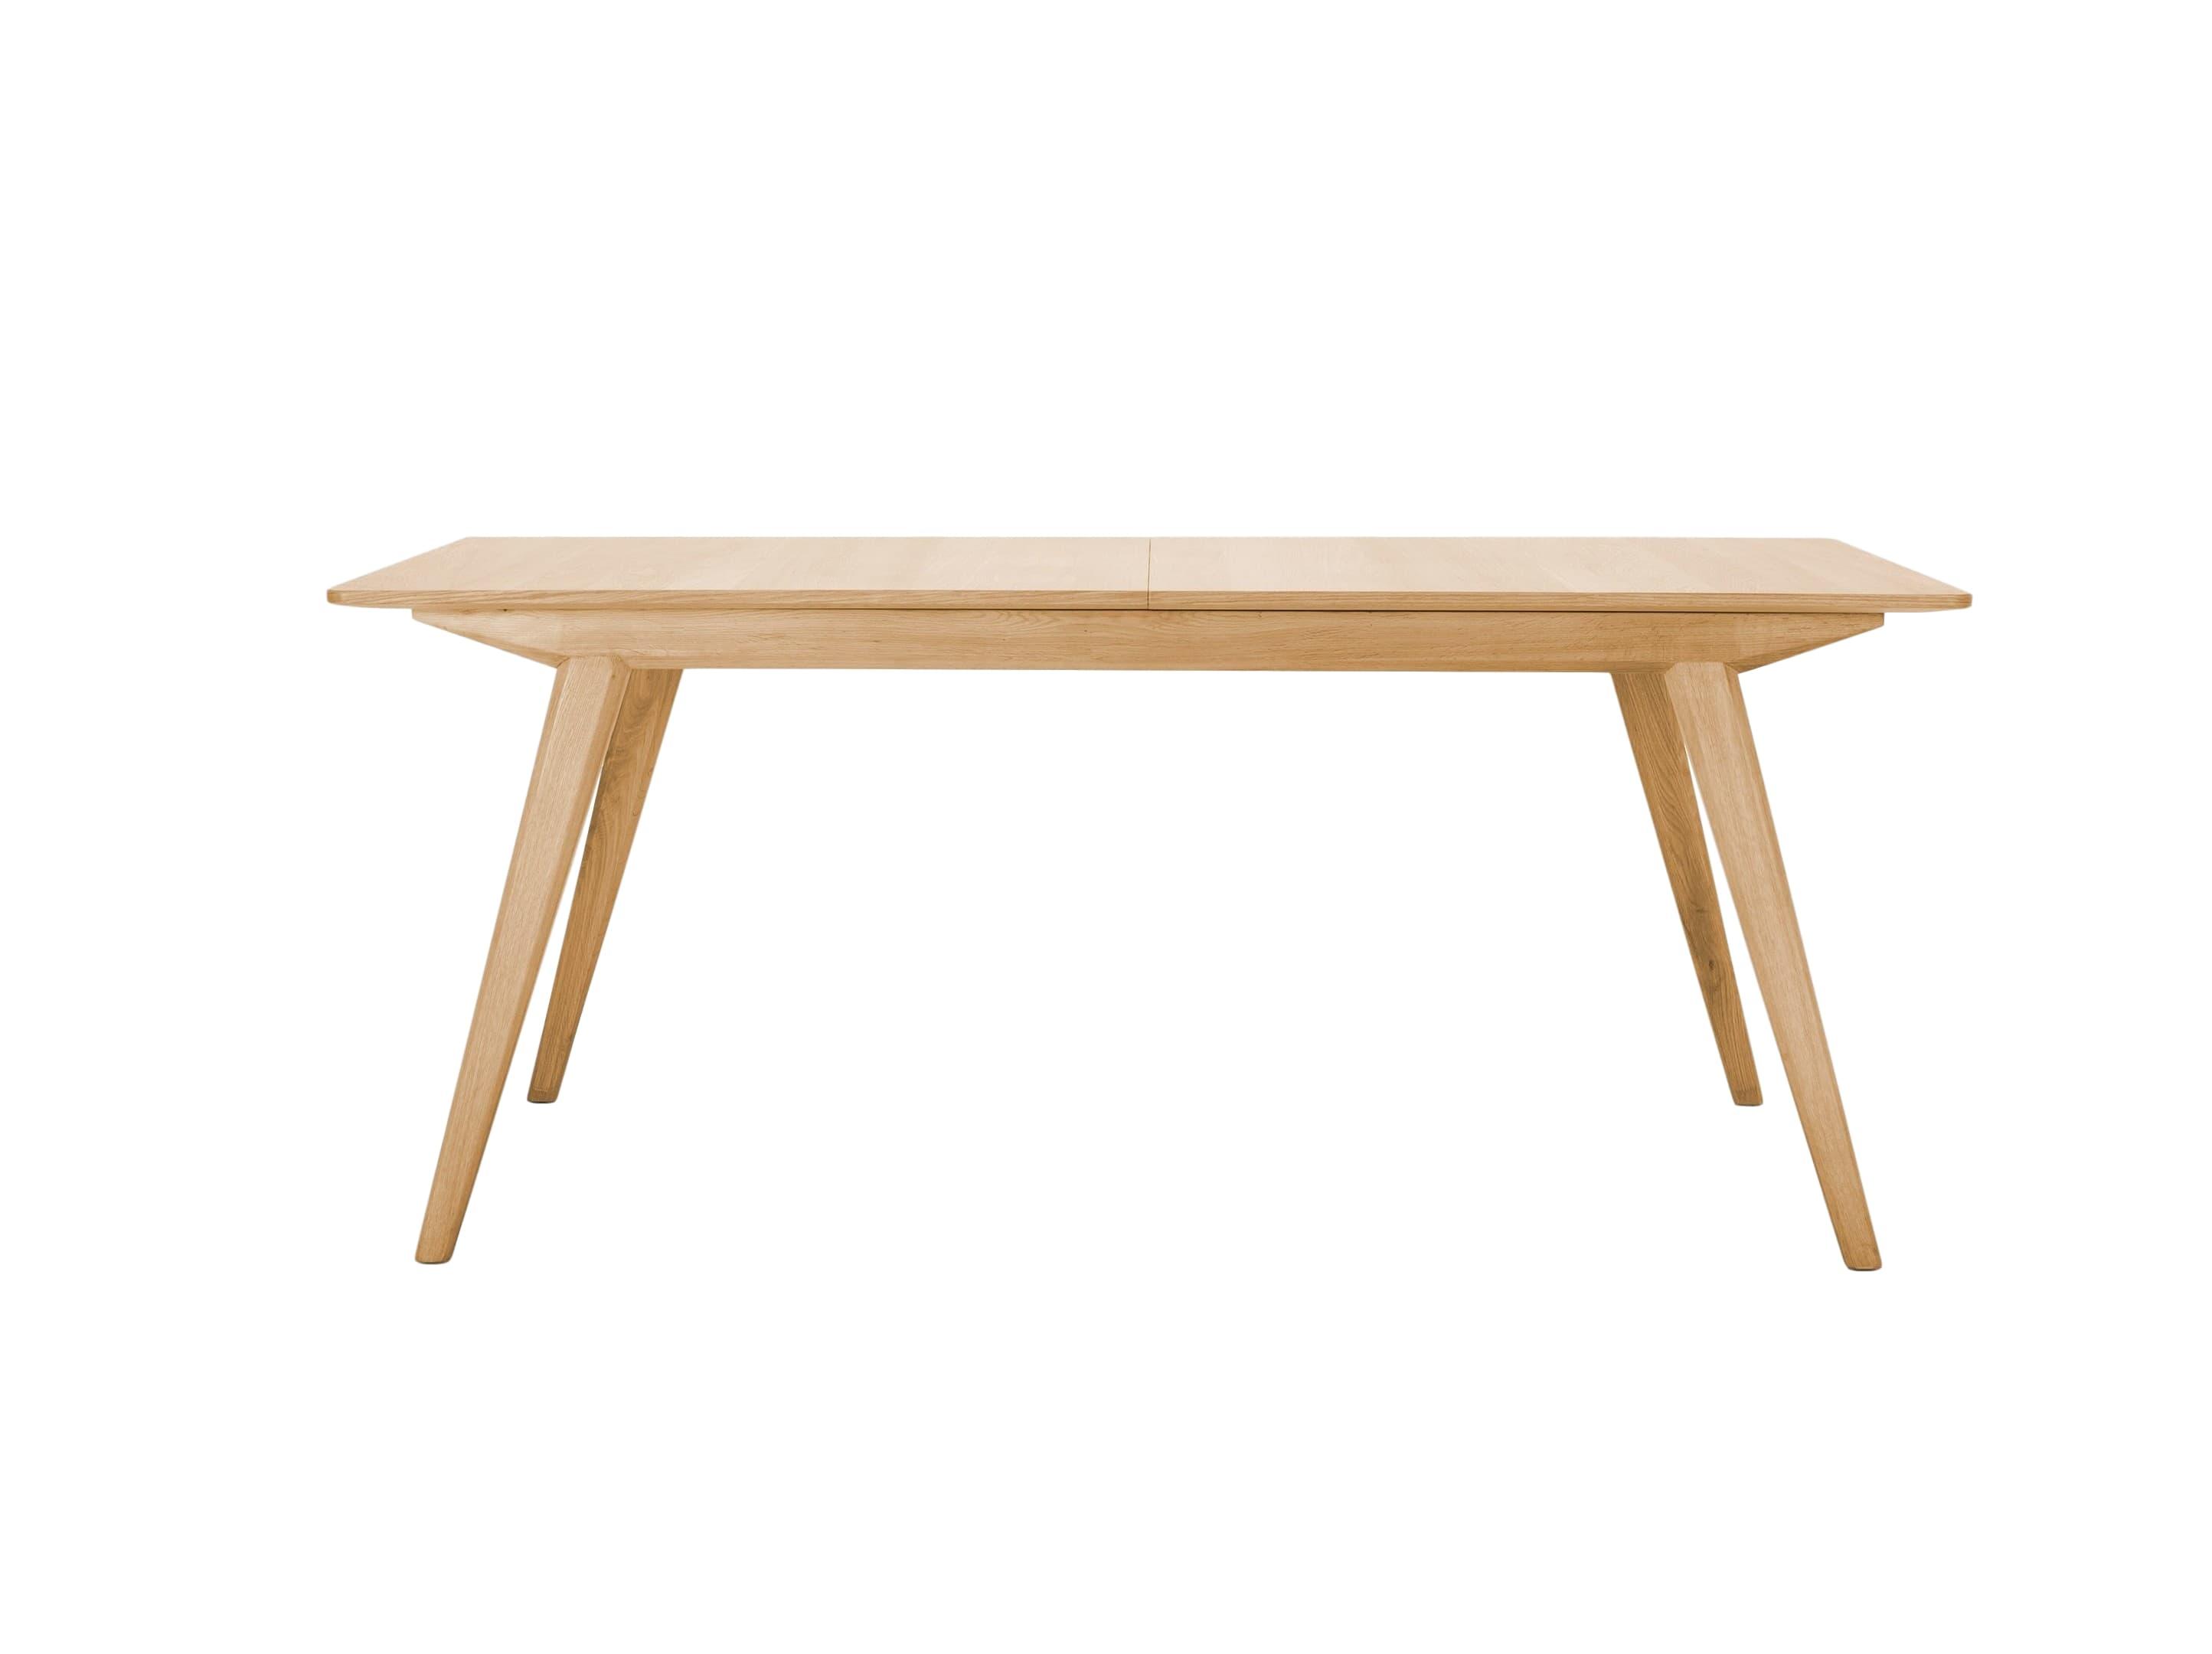 Обеденный стол AveiroОбеденные столы<br>Минимальная ширина стола:&amp;amp;nbsp;180 см.&amp;lt;div&amp;gt;Максимальная ширина стола: 230 см.&amp;lt;/div&amp;gt;<br><br>Material: Бук<br>Ширина см: 230<br>Высота см: 93<br>Глубина см: 75